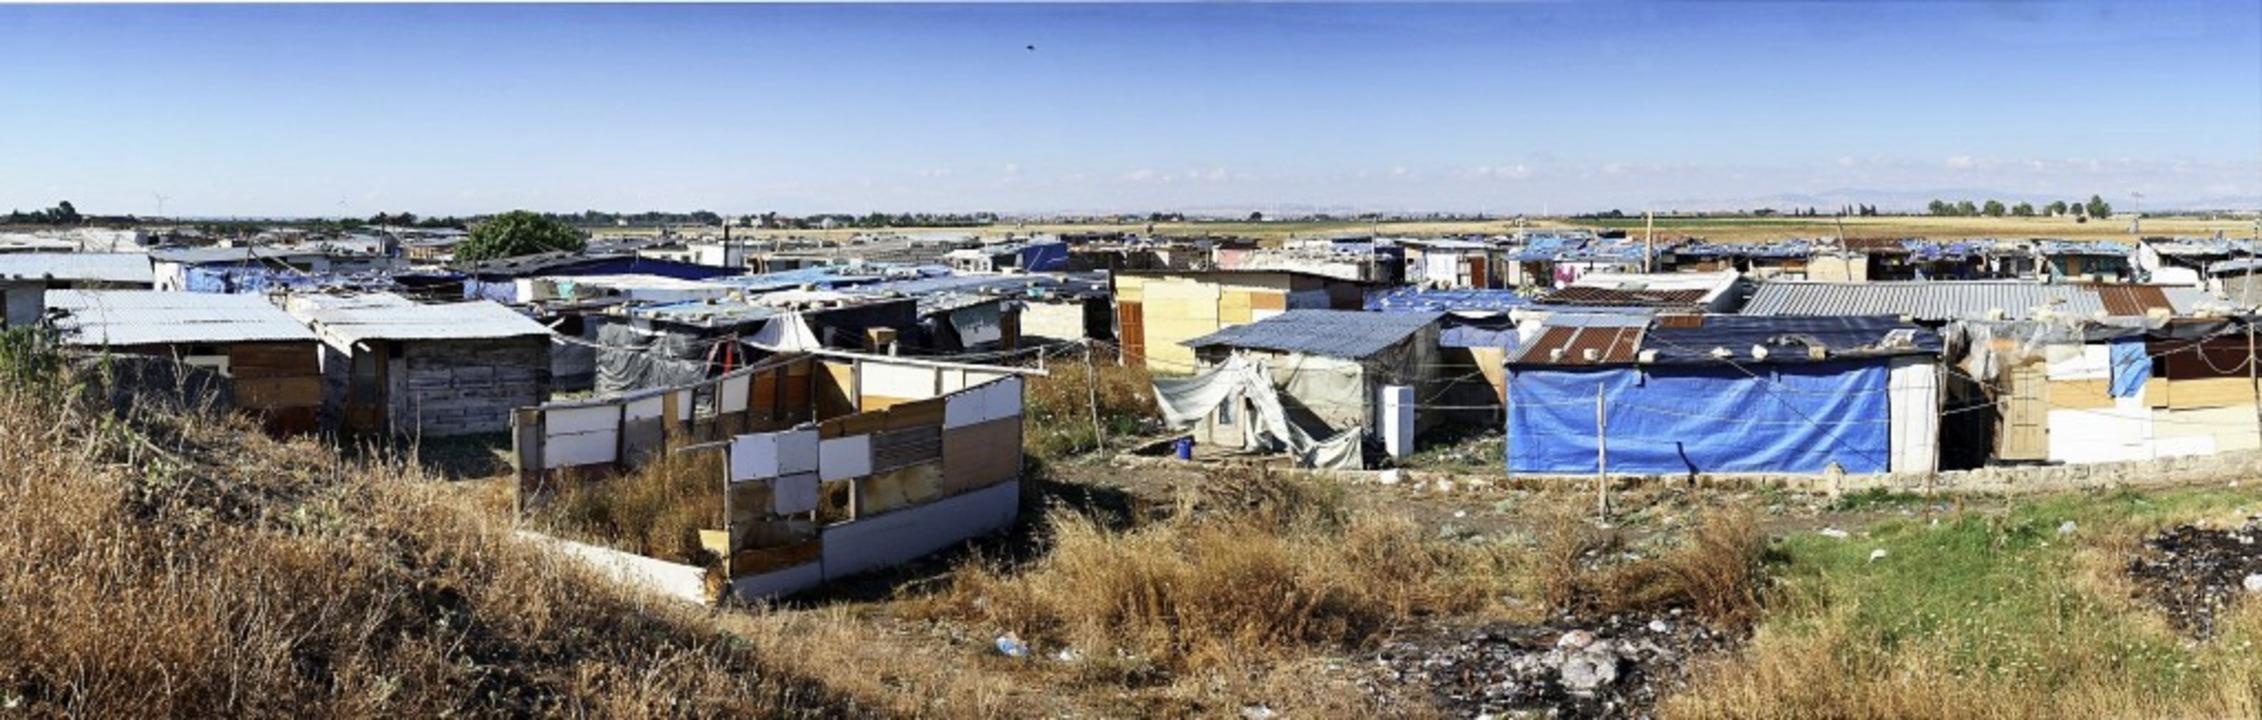 Slum in Borgo Mezzanone  | Foto: Max Intrisano